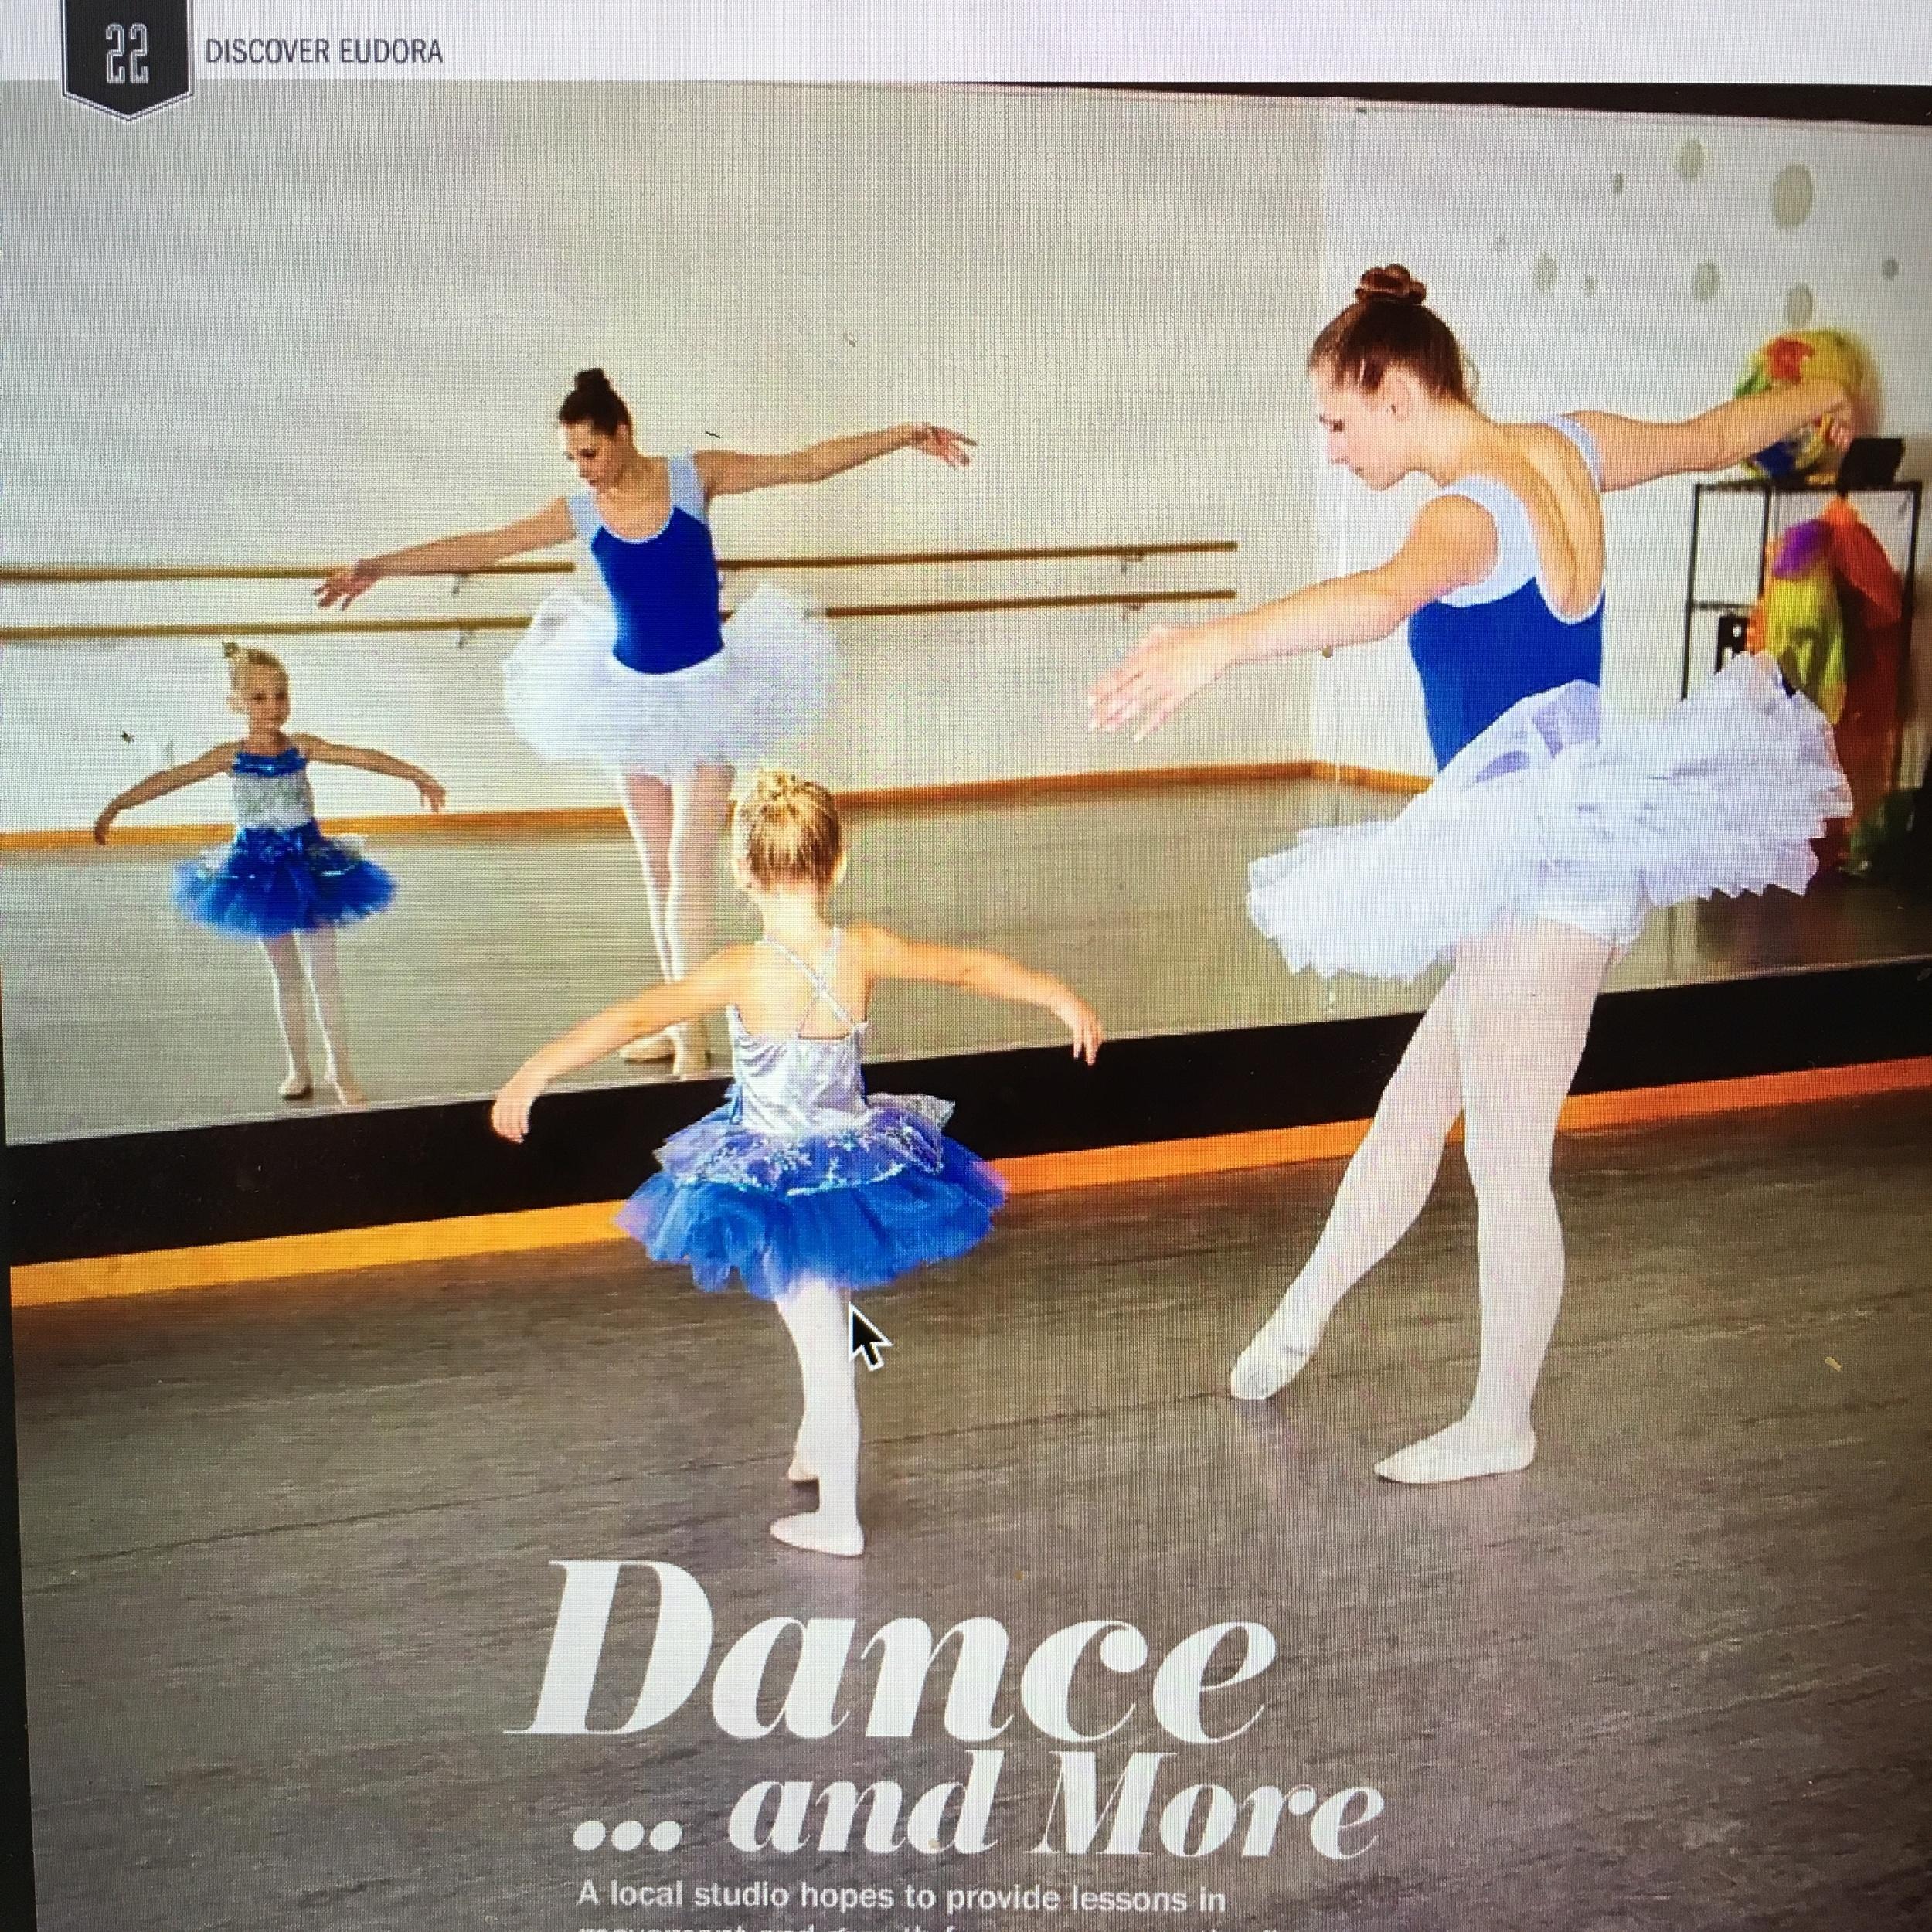 Discover Eudora Magazine